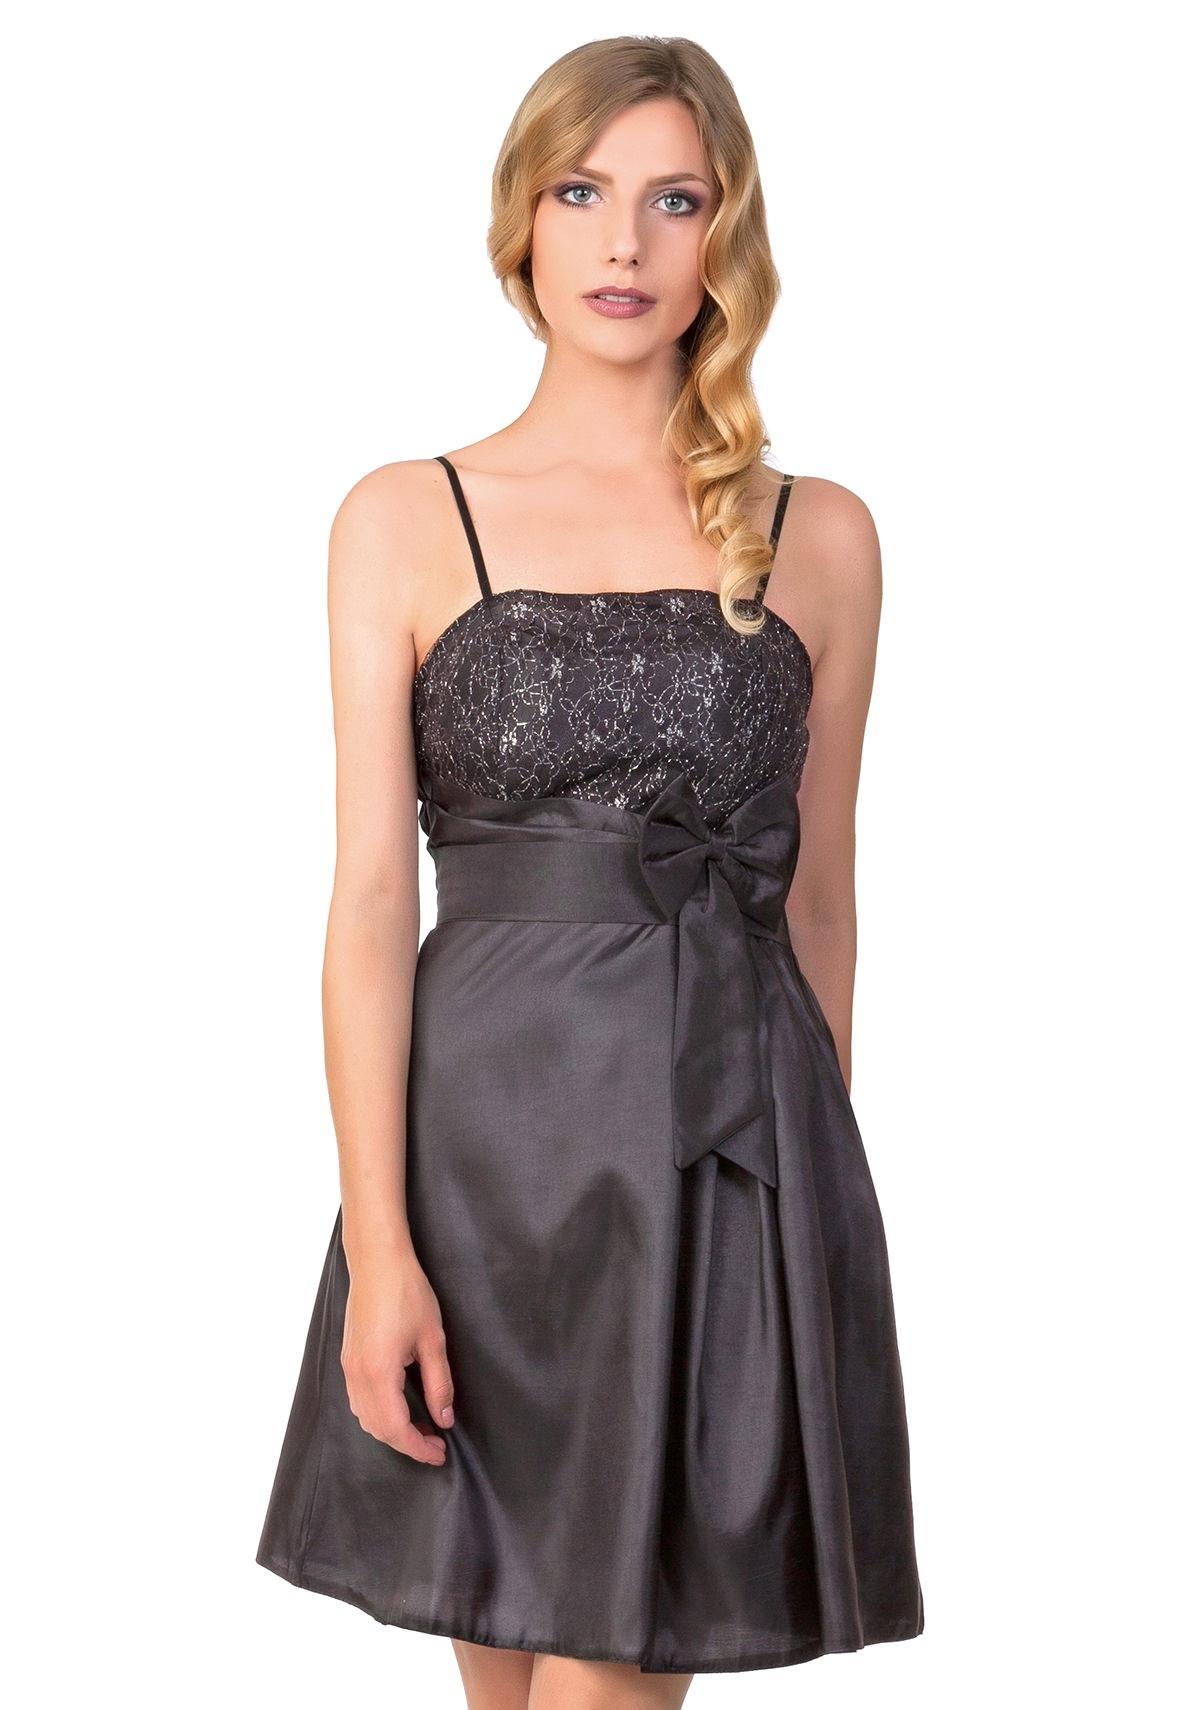 Abend Luxurius Abendkleid Schwarz Kurz Spezialgebiet13 Spektakulär Abendkleid Schwarz Kurz Design